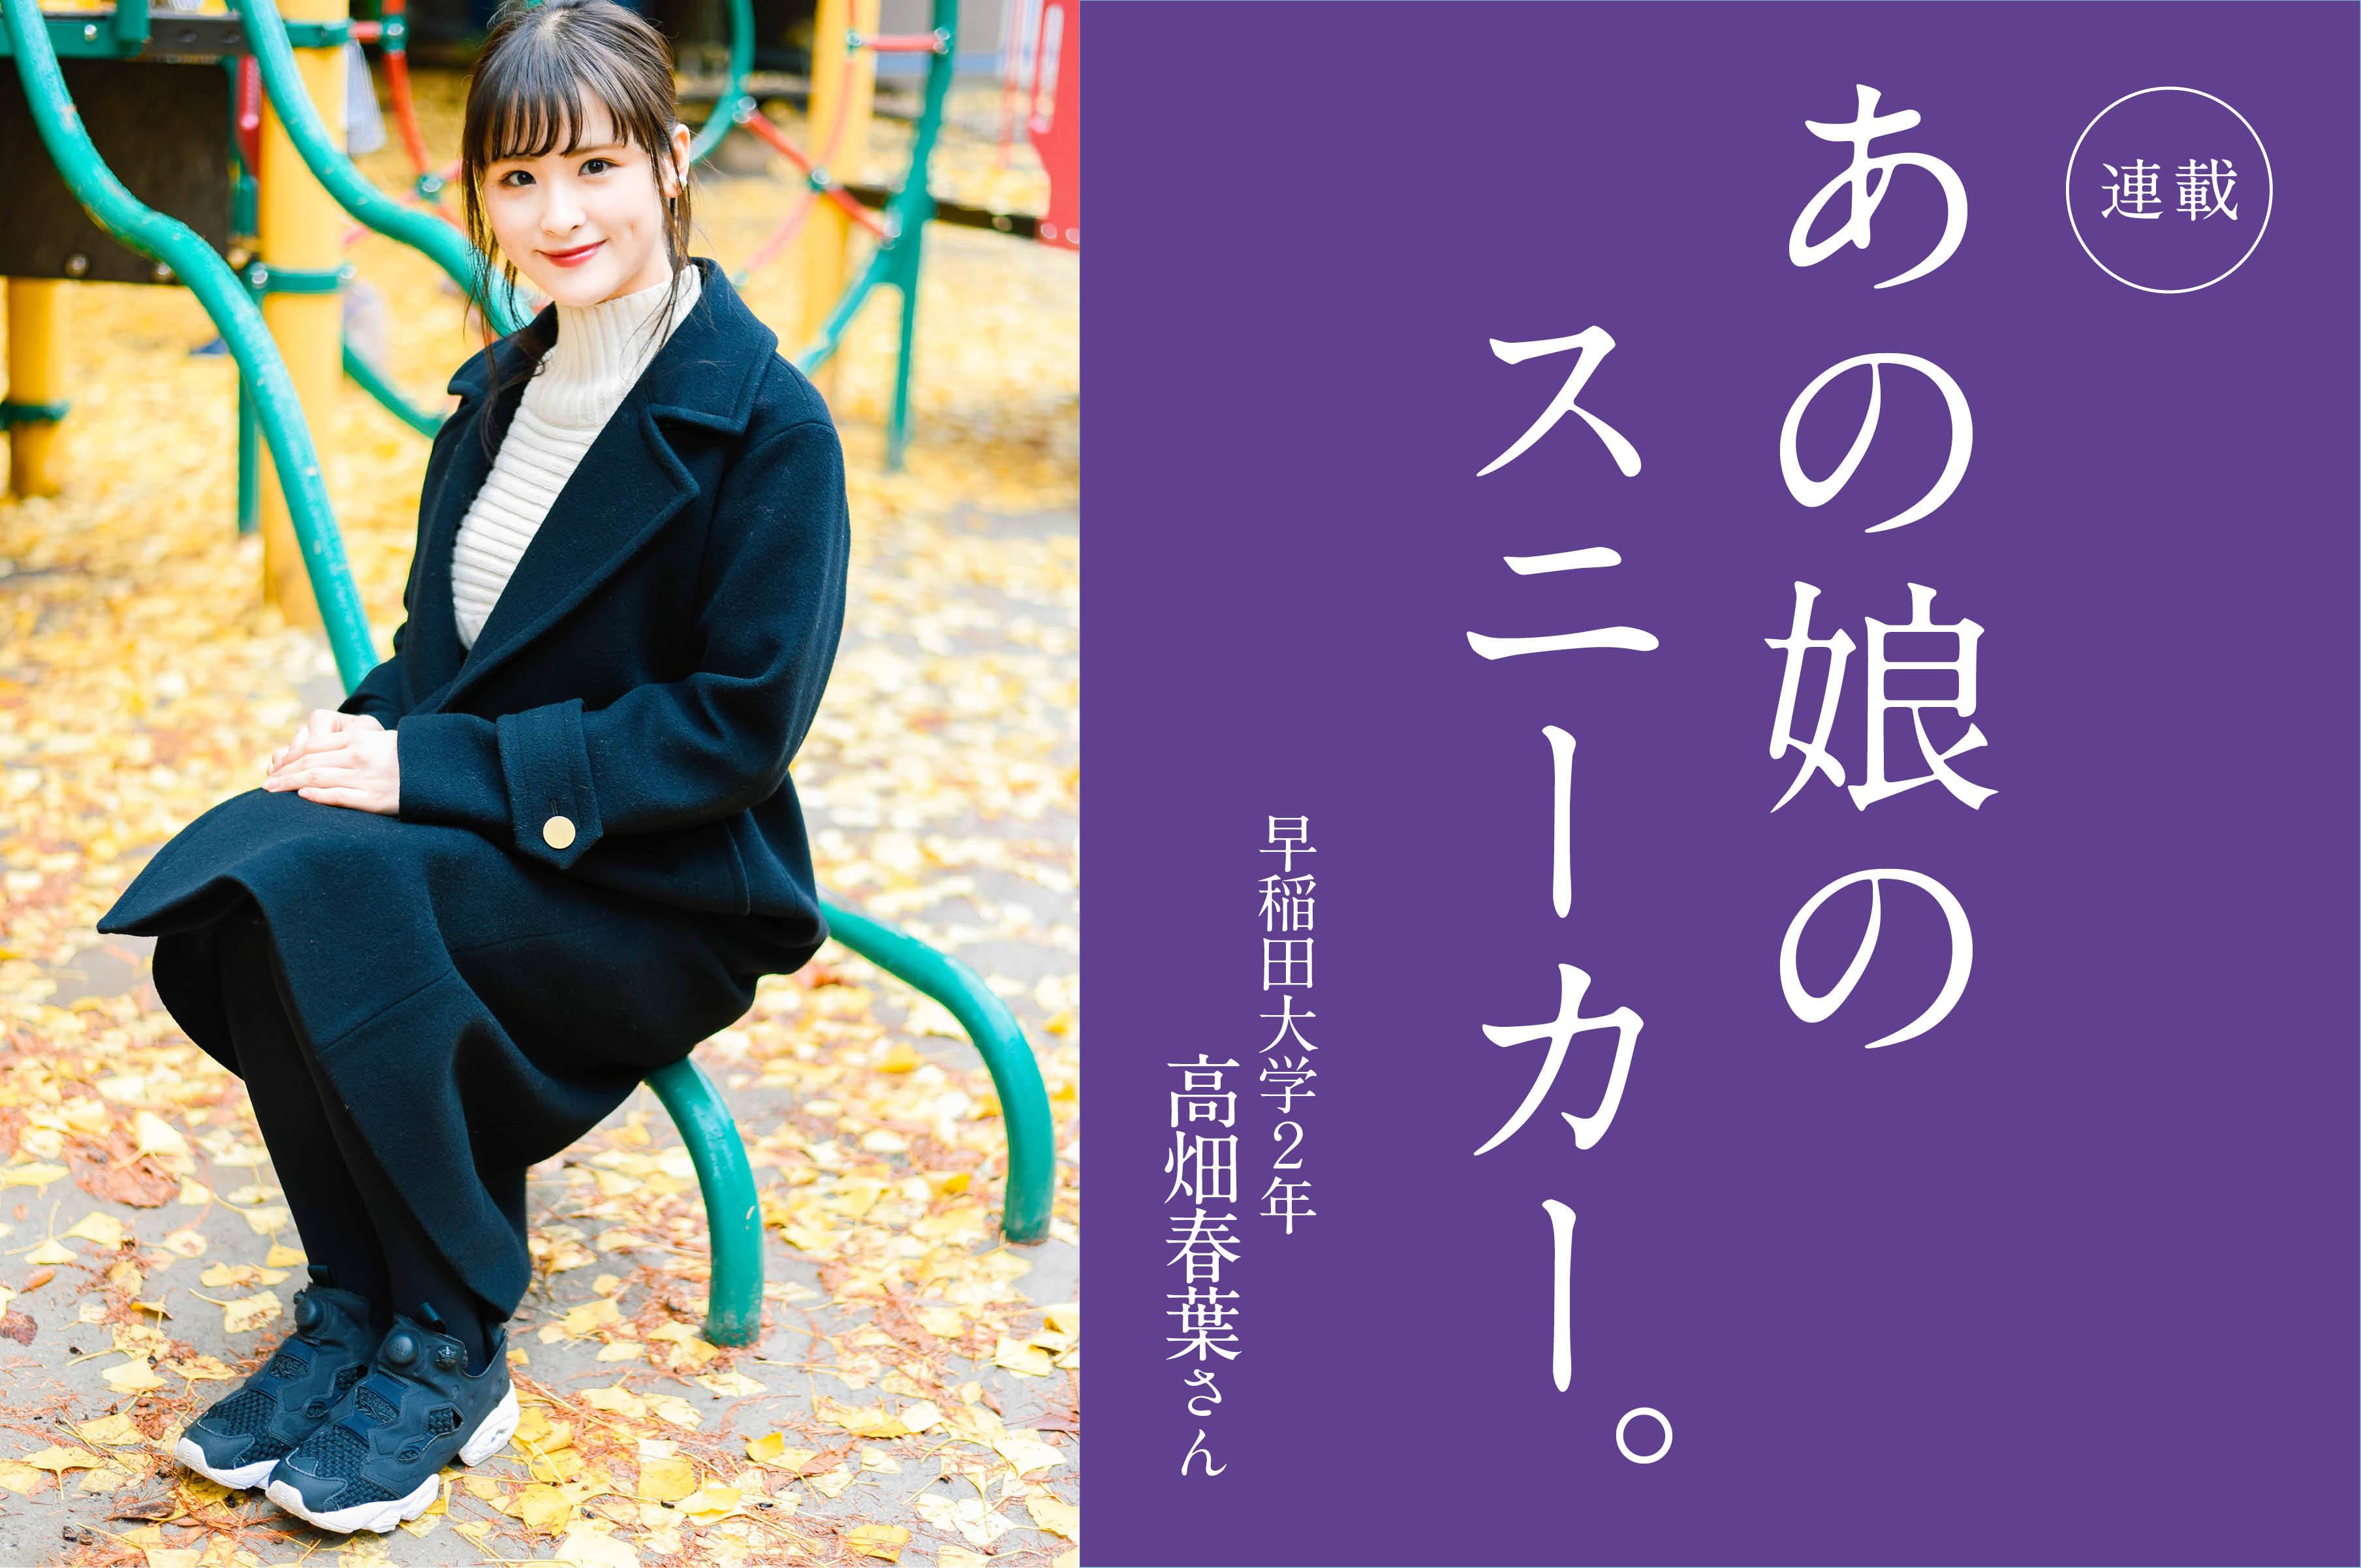 あの娘のスニーカー。 21人目早稲田大学2年 高畑春葉さん